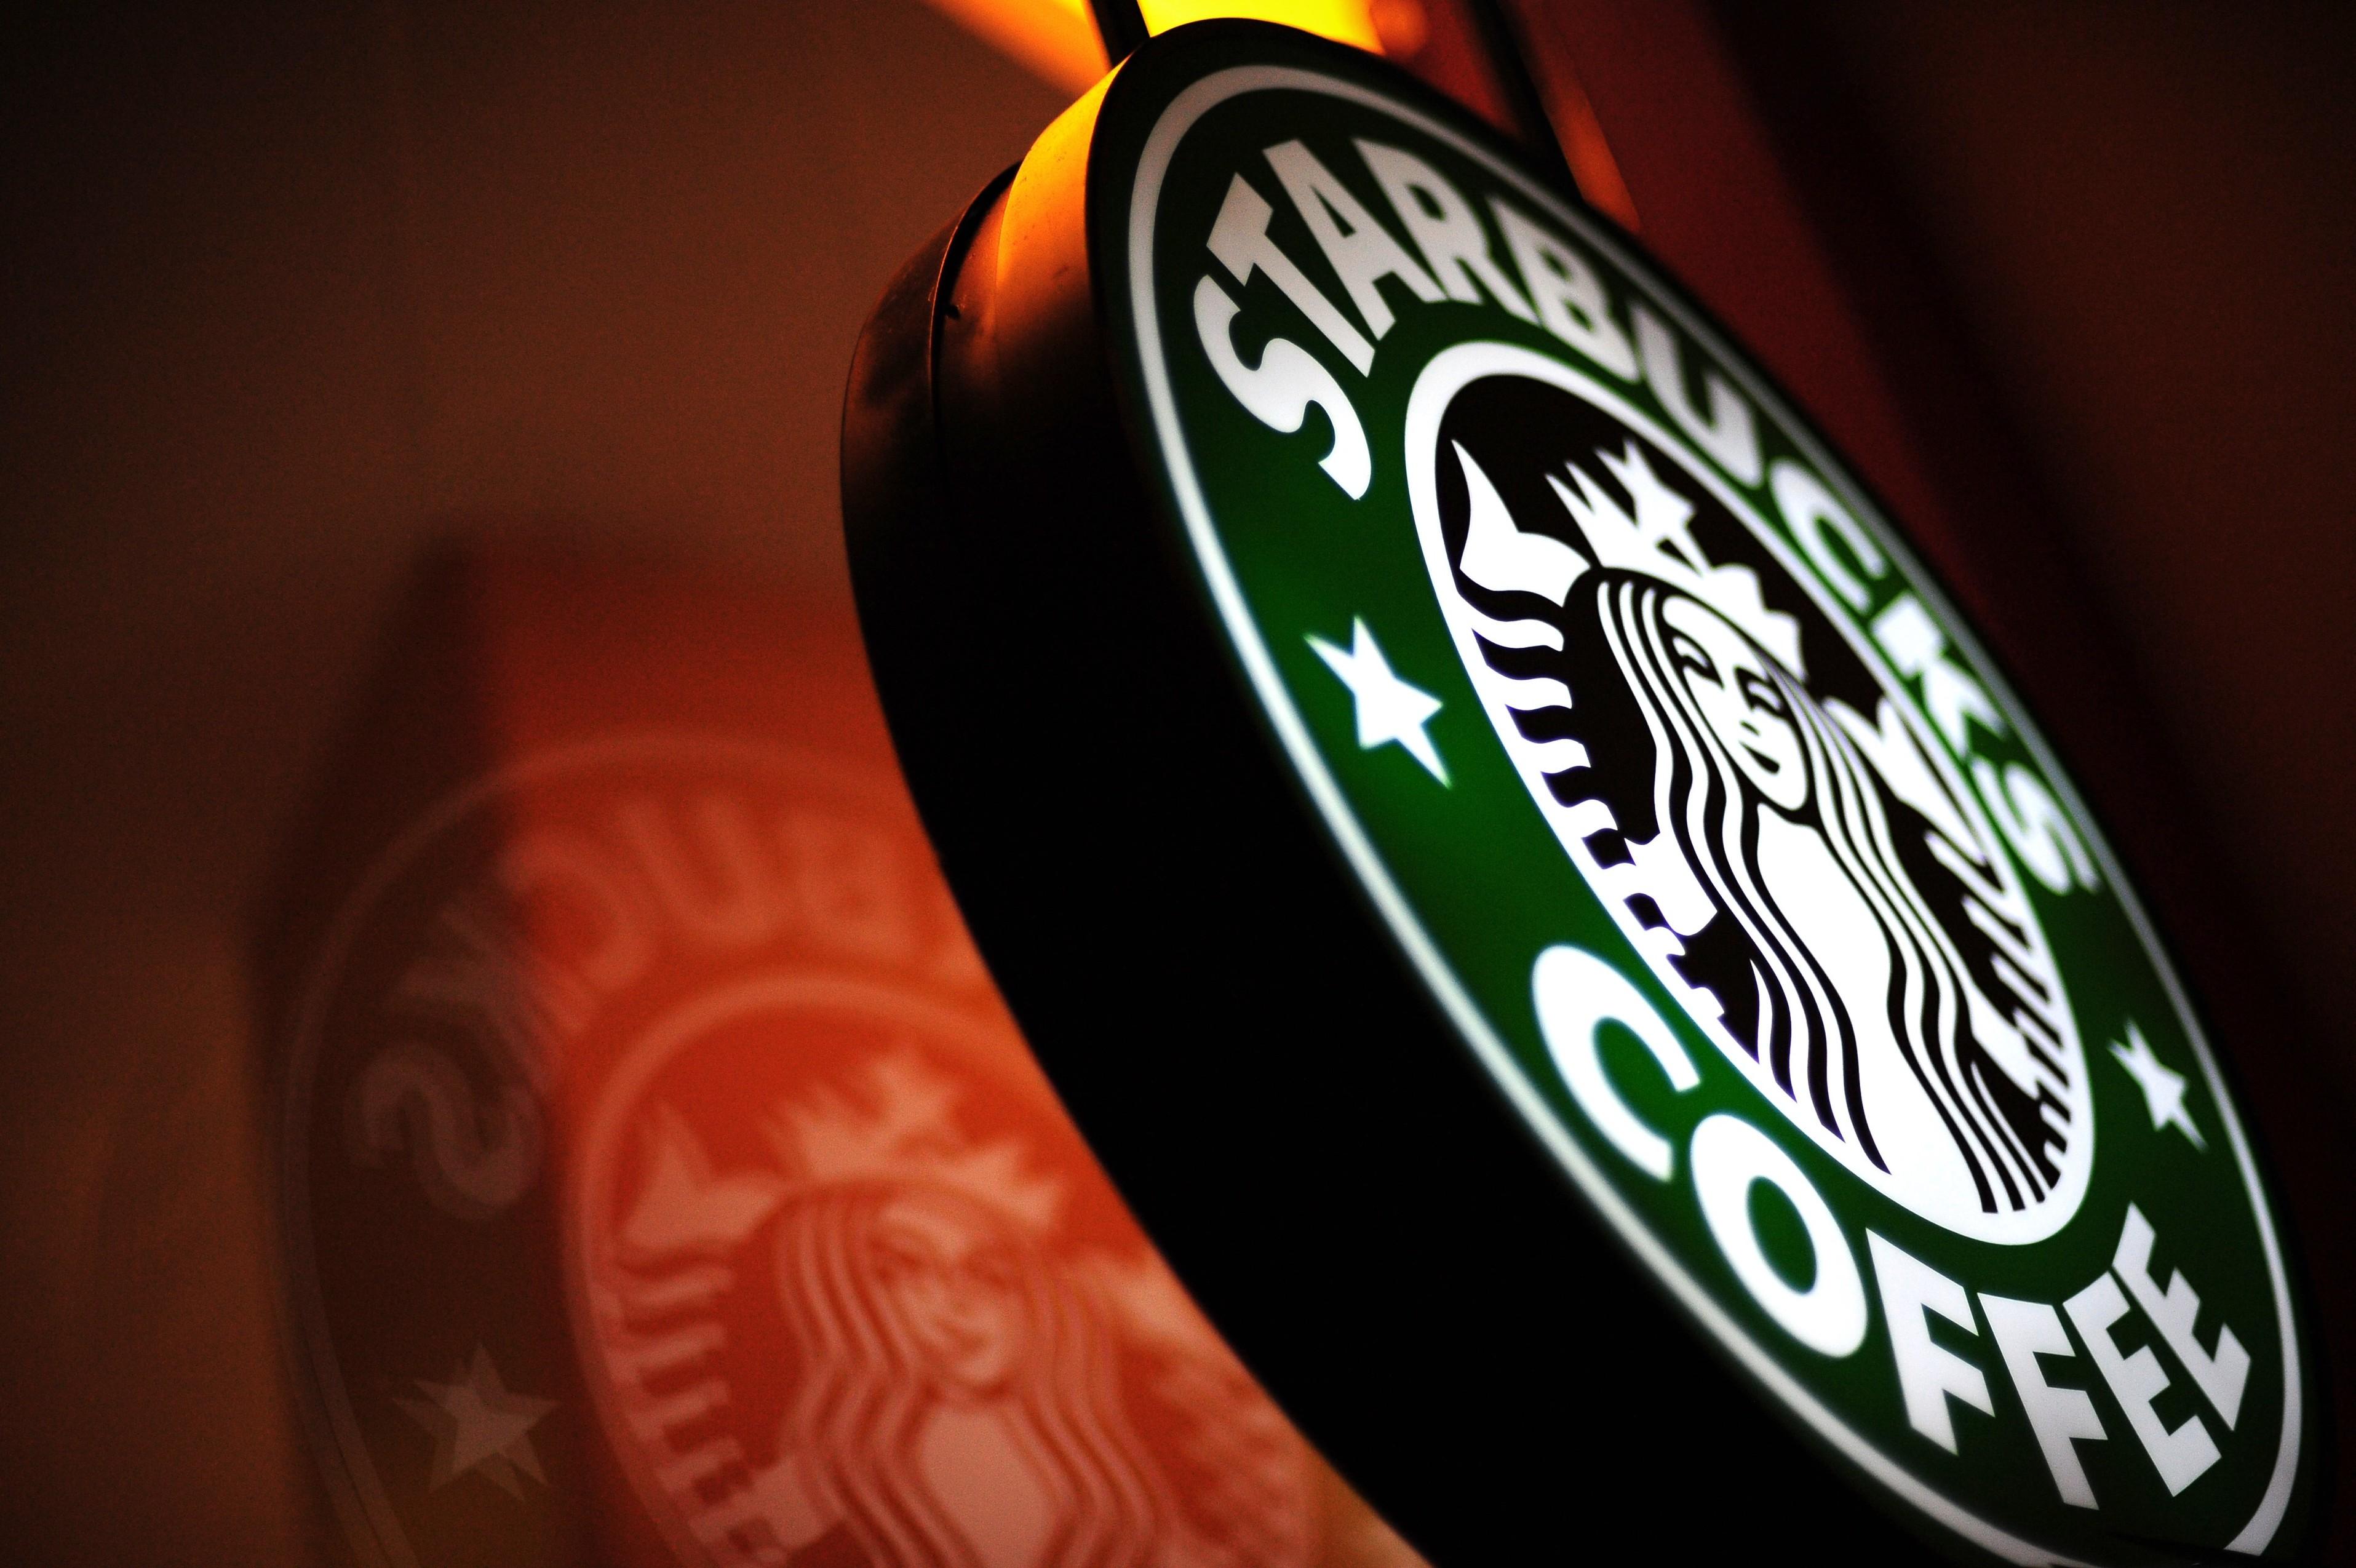 數據出爐|咖啡黑金好好賺,星巴克大打折扣有用嗎?